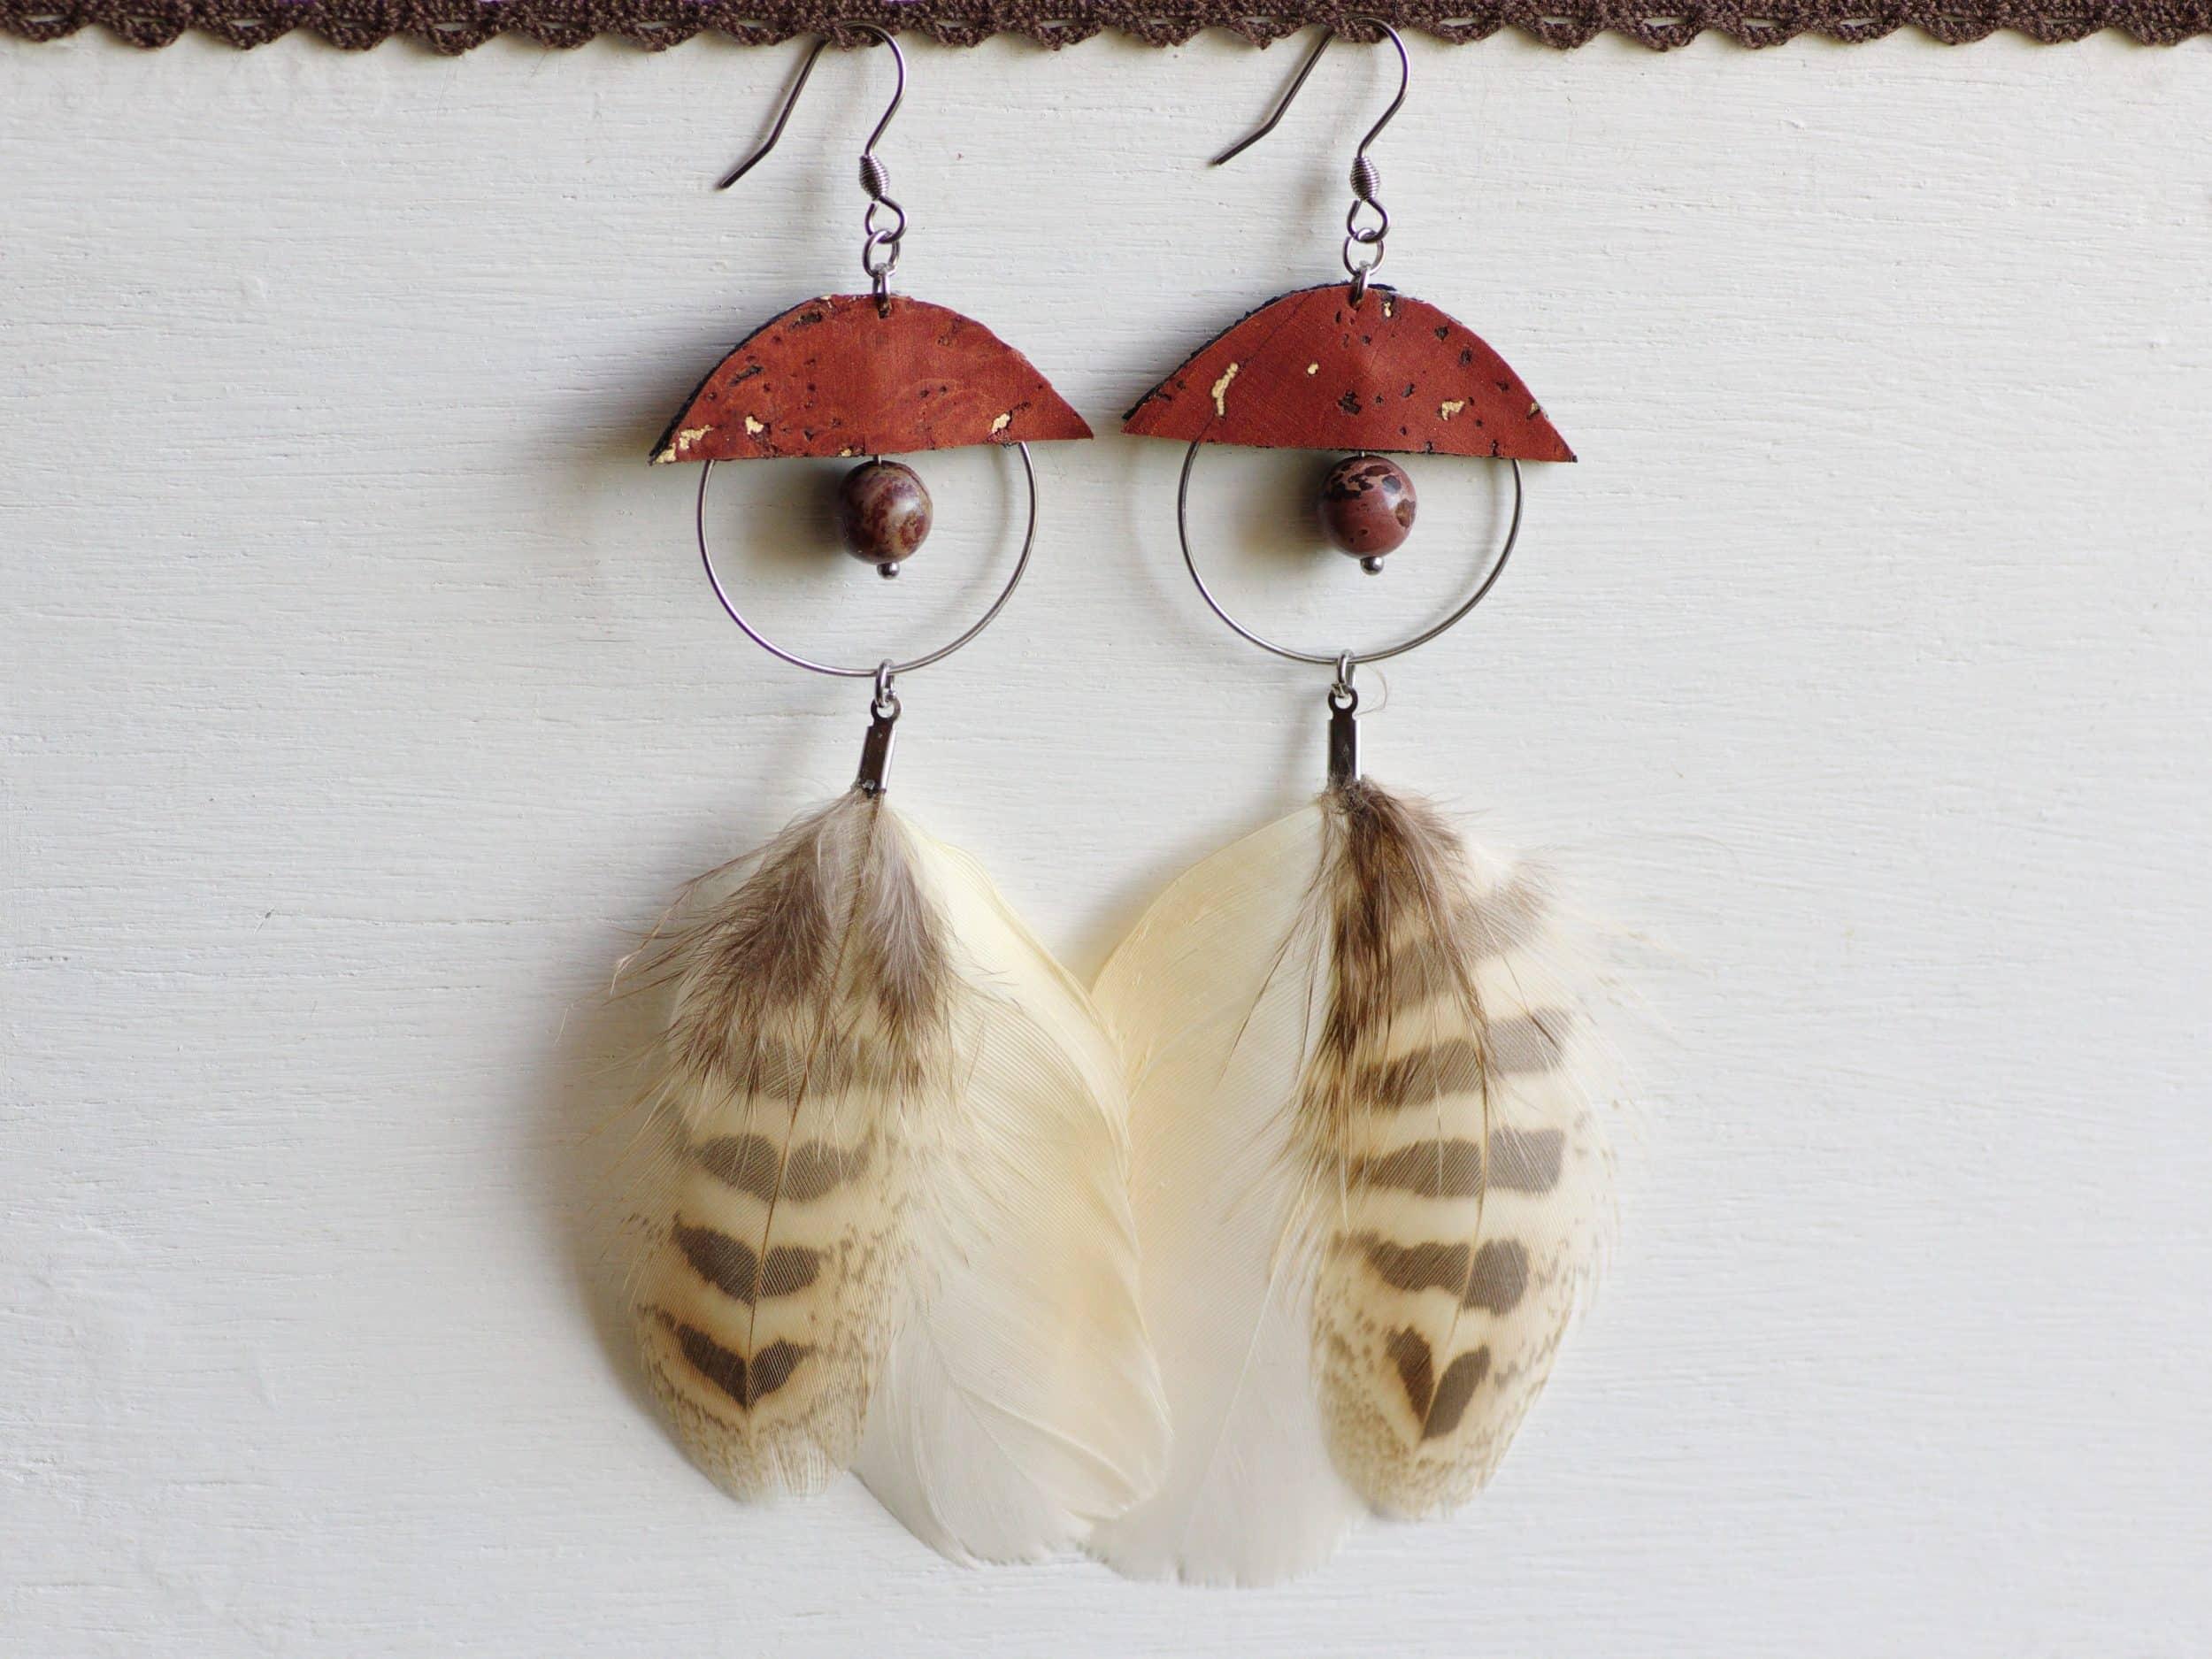 boucles d'oreilles représentant une demi chouette, la paire reconstitue une chouette entière. Tons beige, brun, blanc cassé. Liège marron.